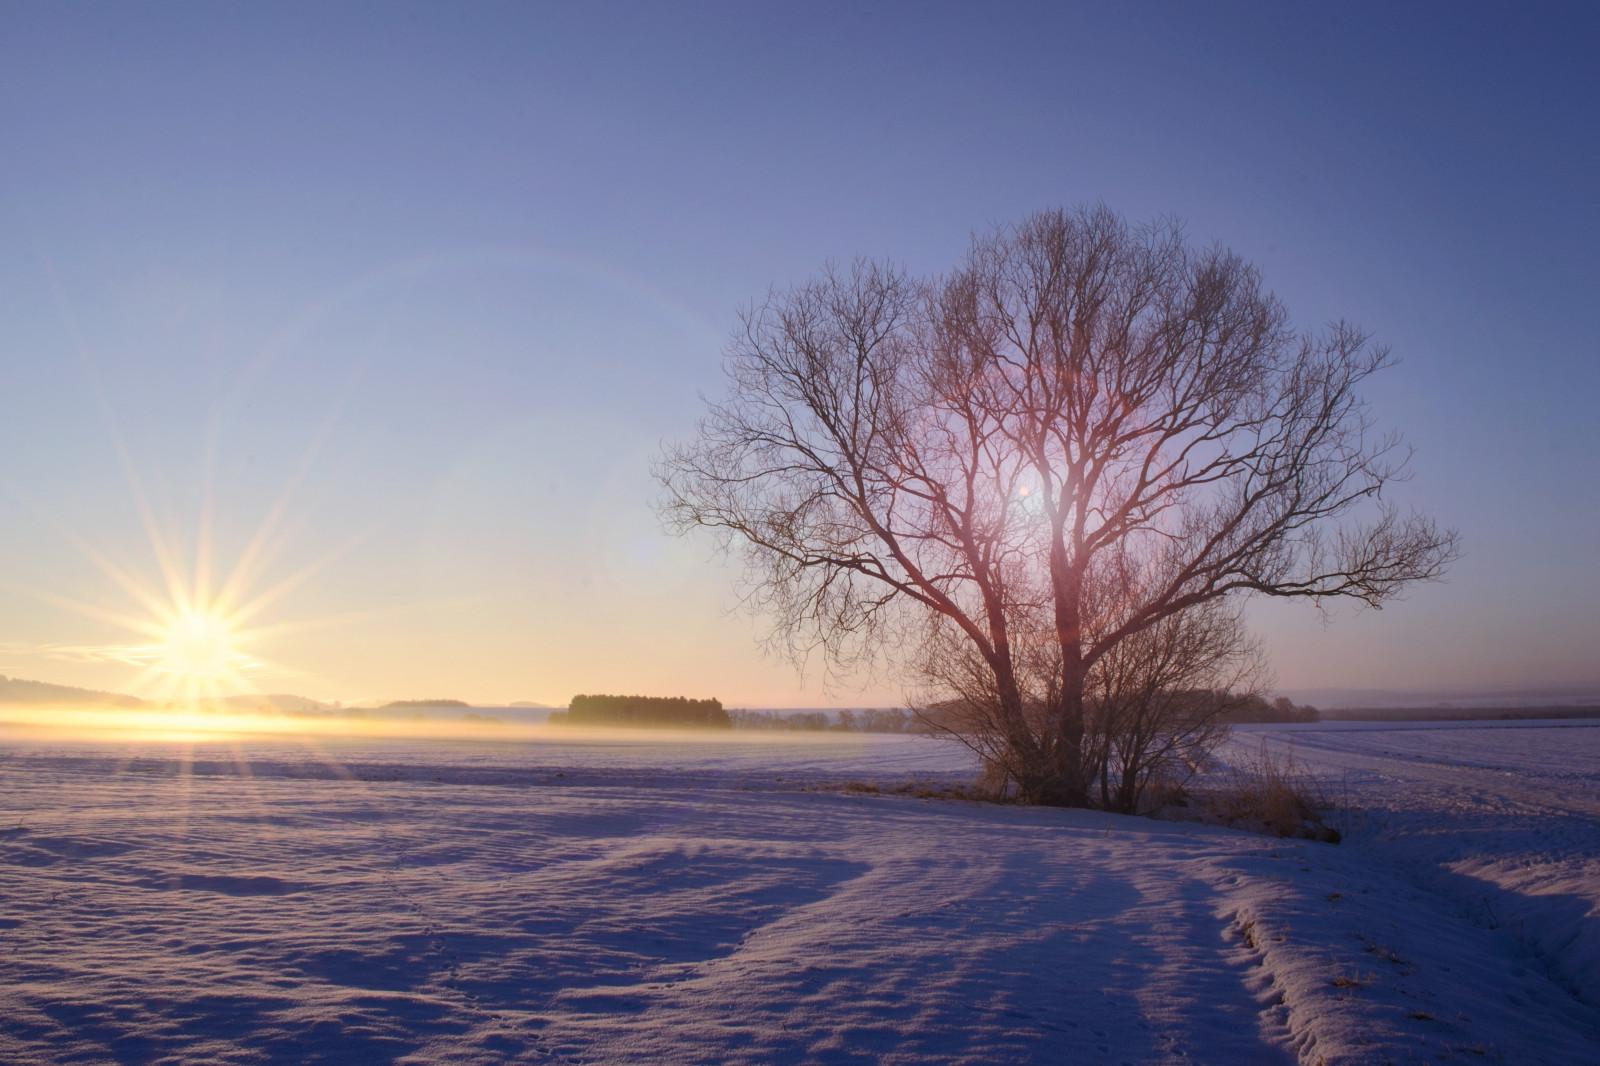 Hintergrundbilder winter wunderland herzberg deutschland sonne sonnenschein - Schneebilder kostenlos ...